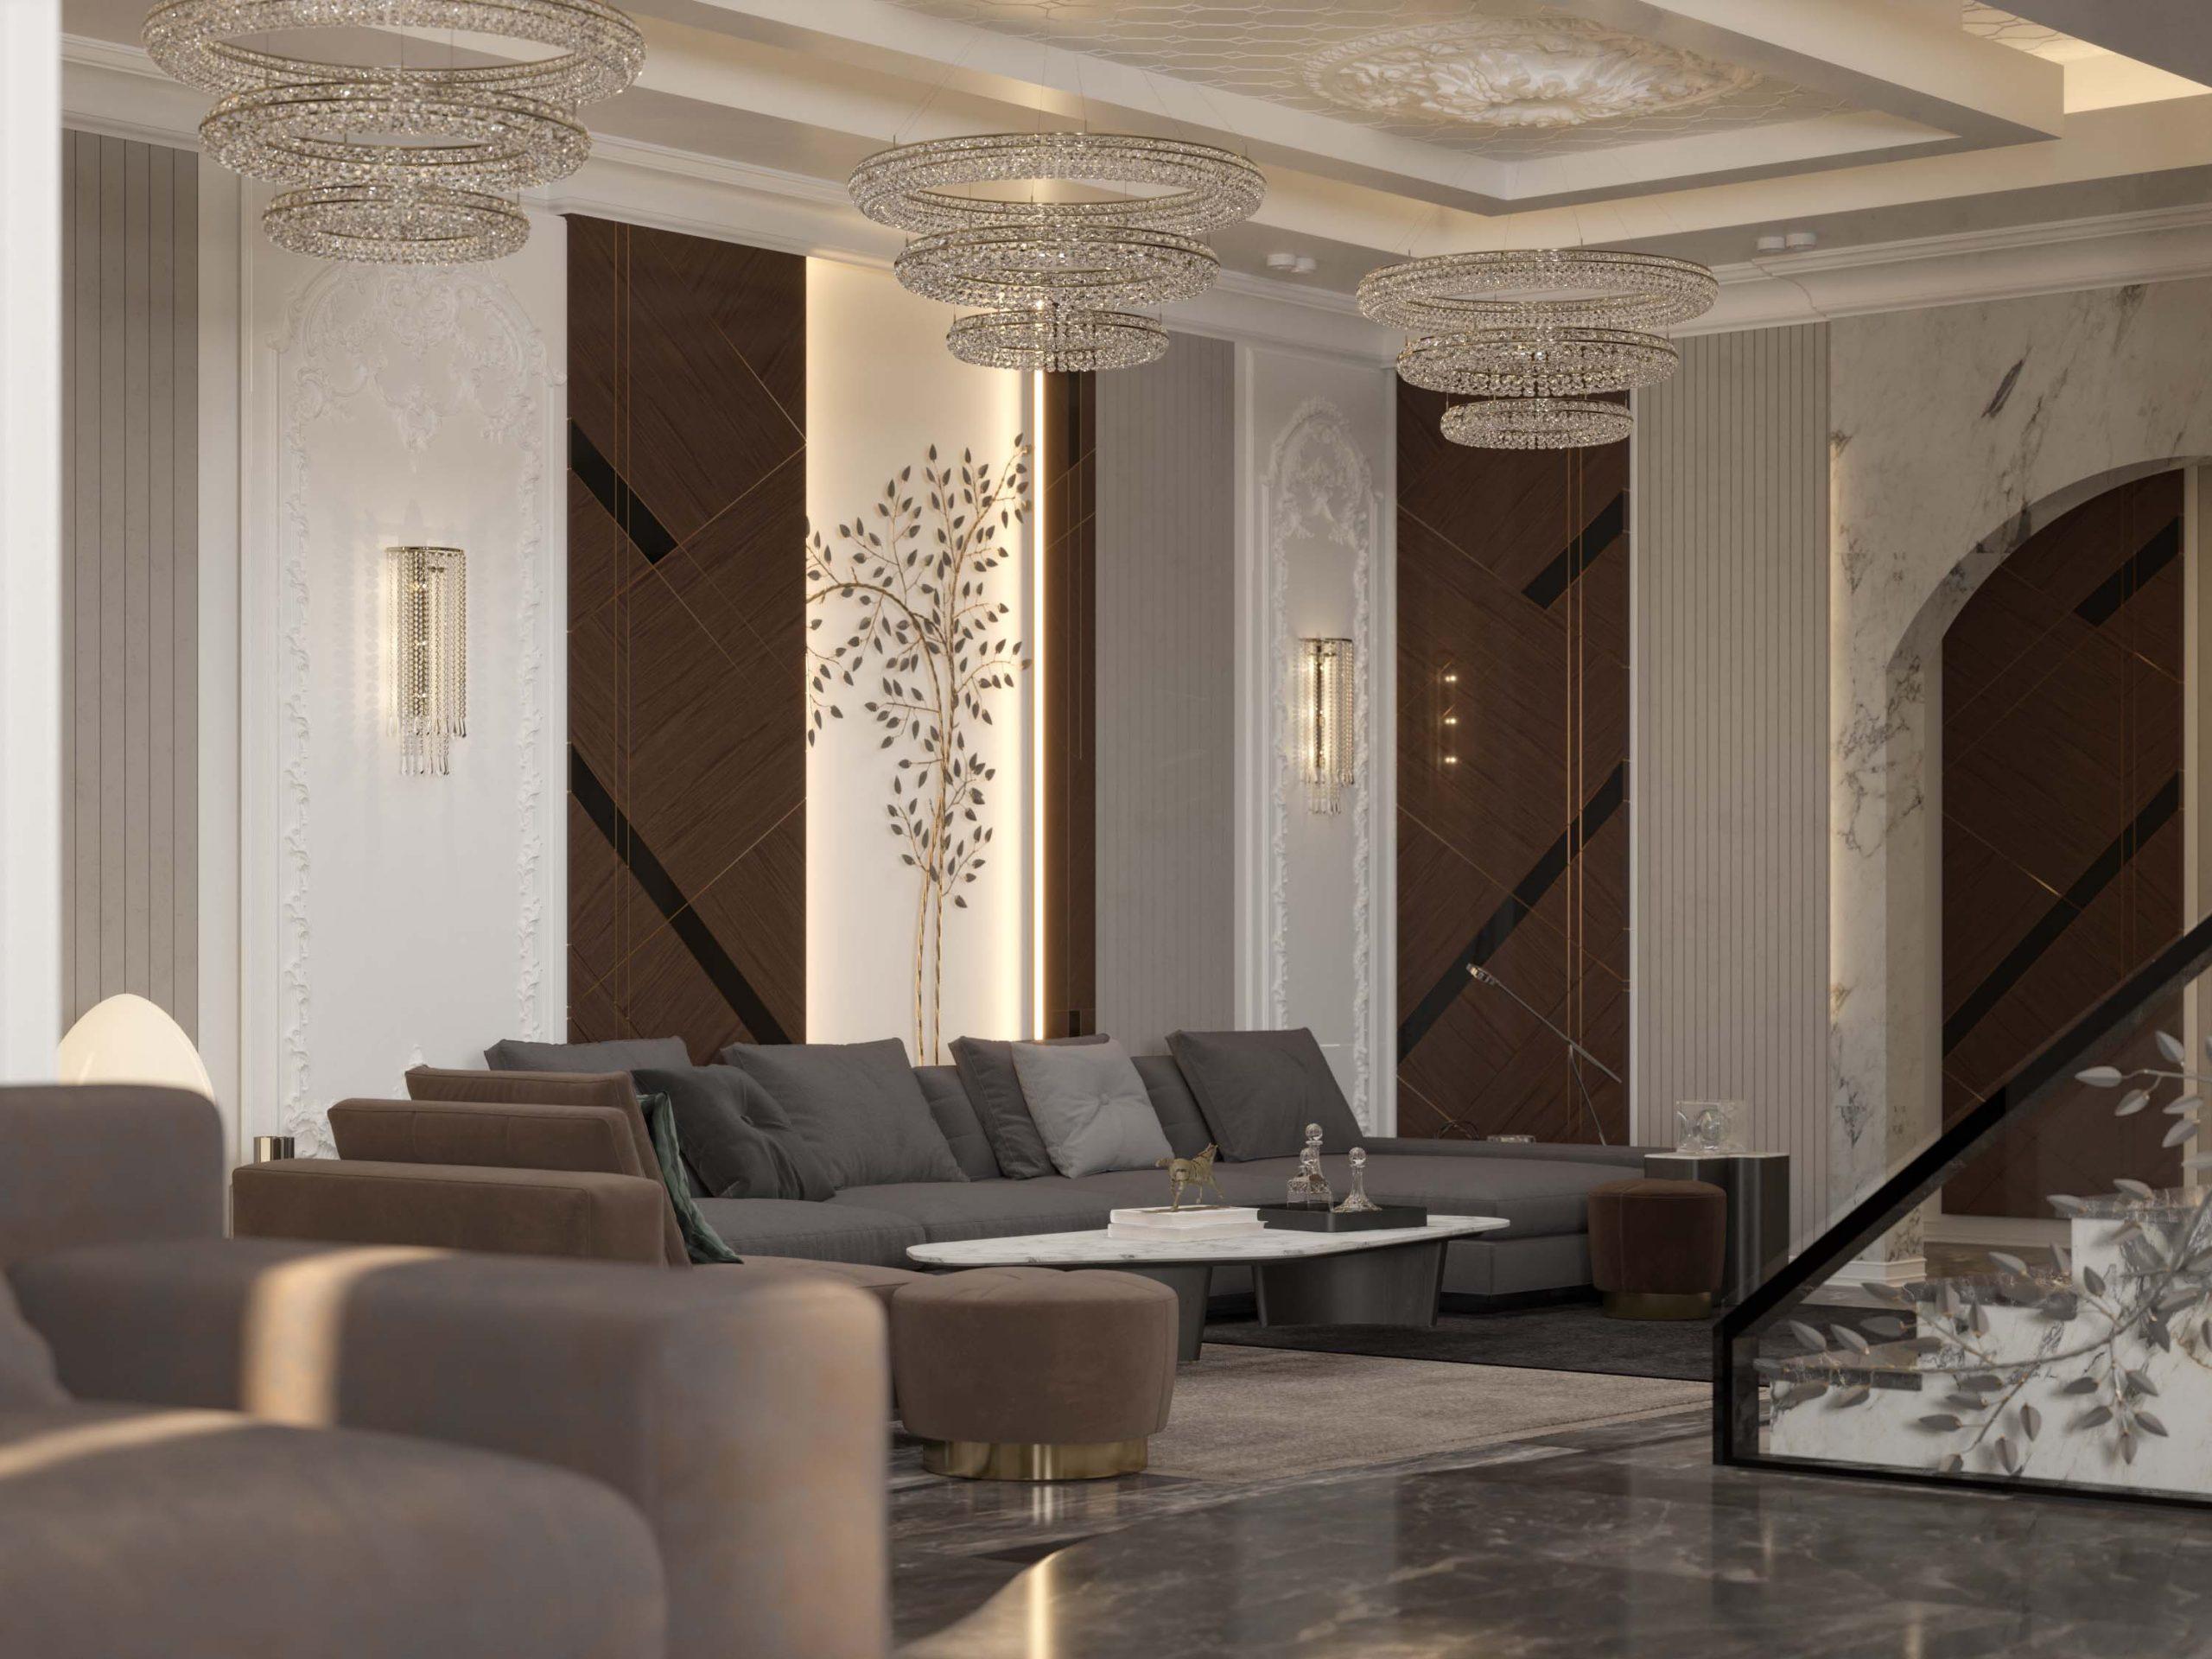 sitting room -sitting area - tree -wood